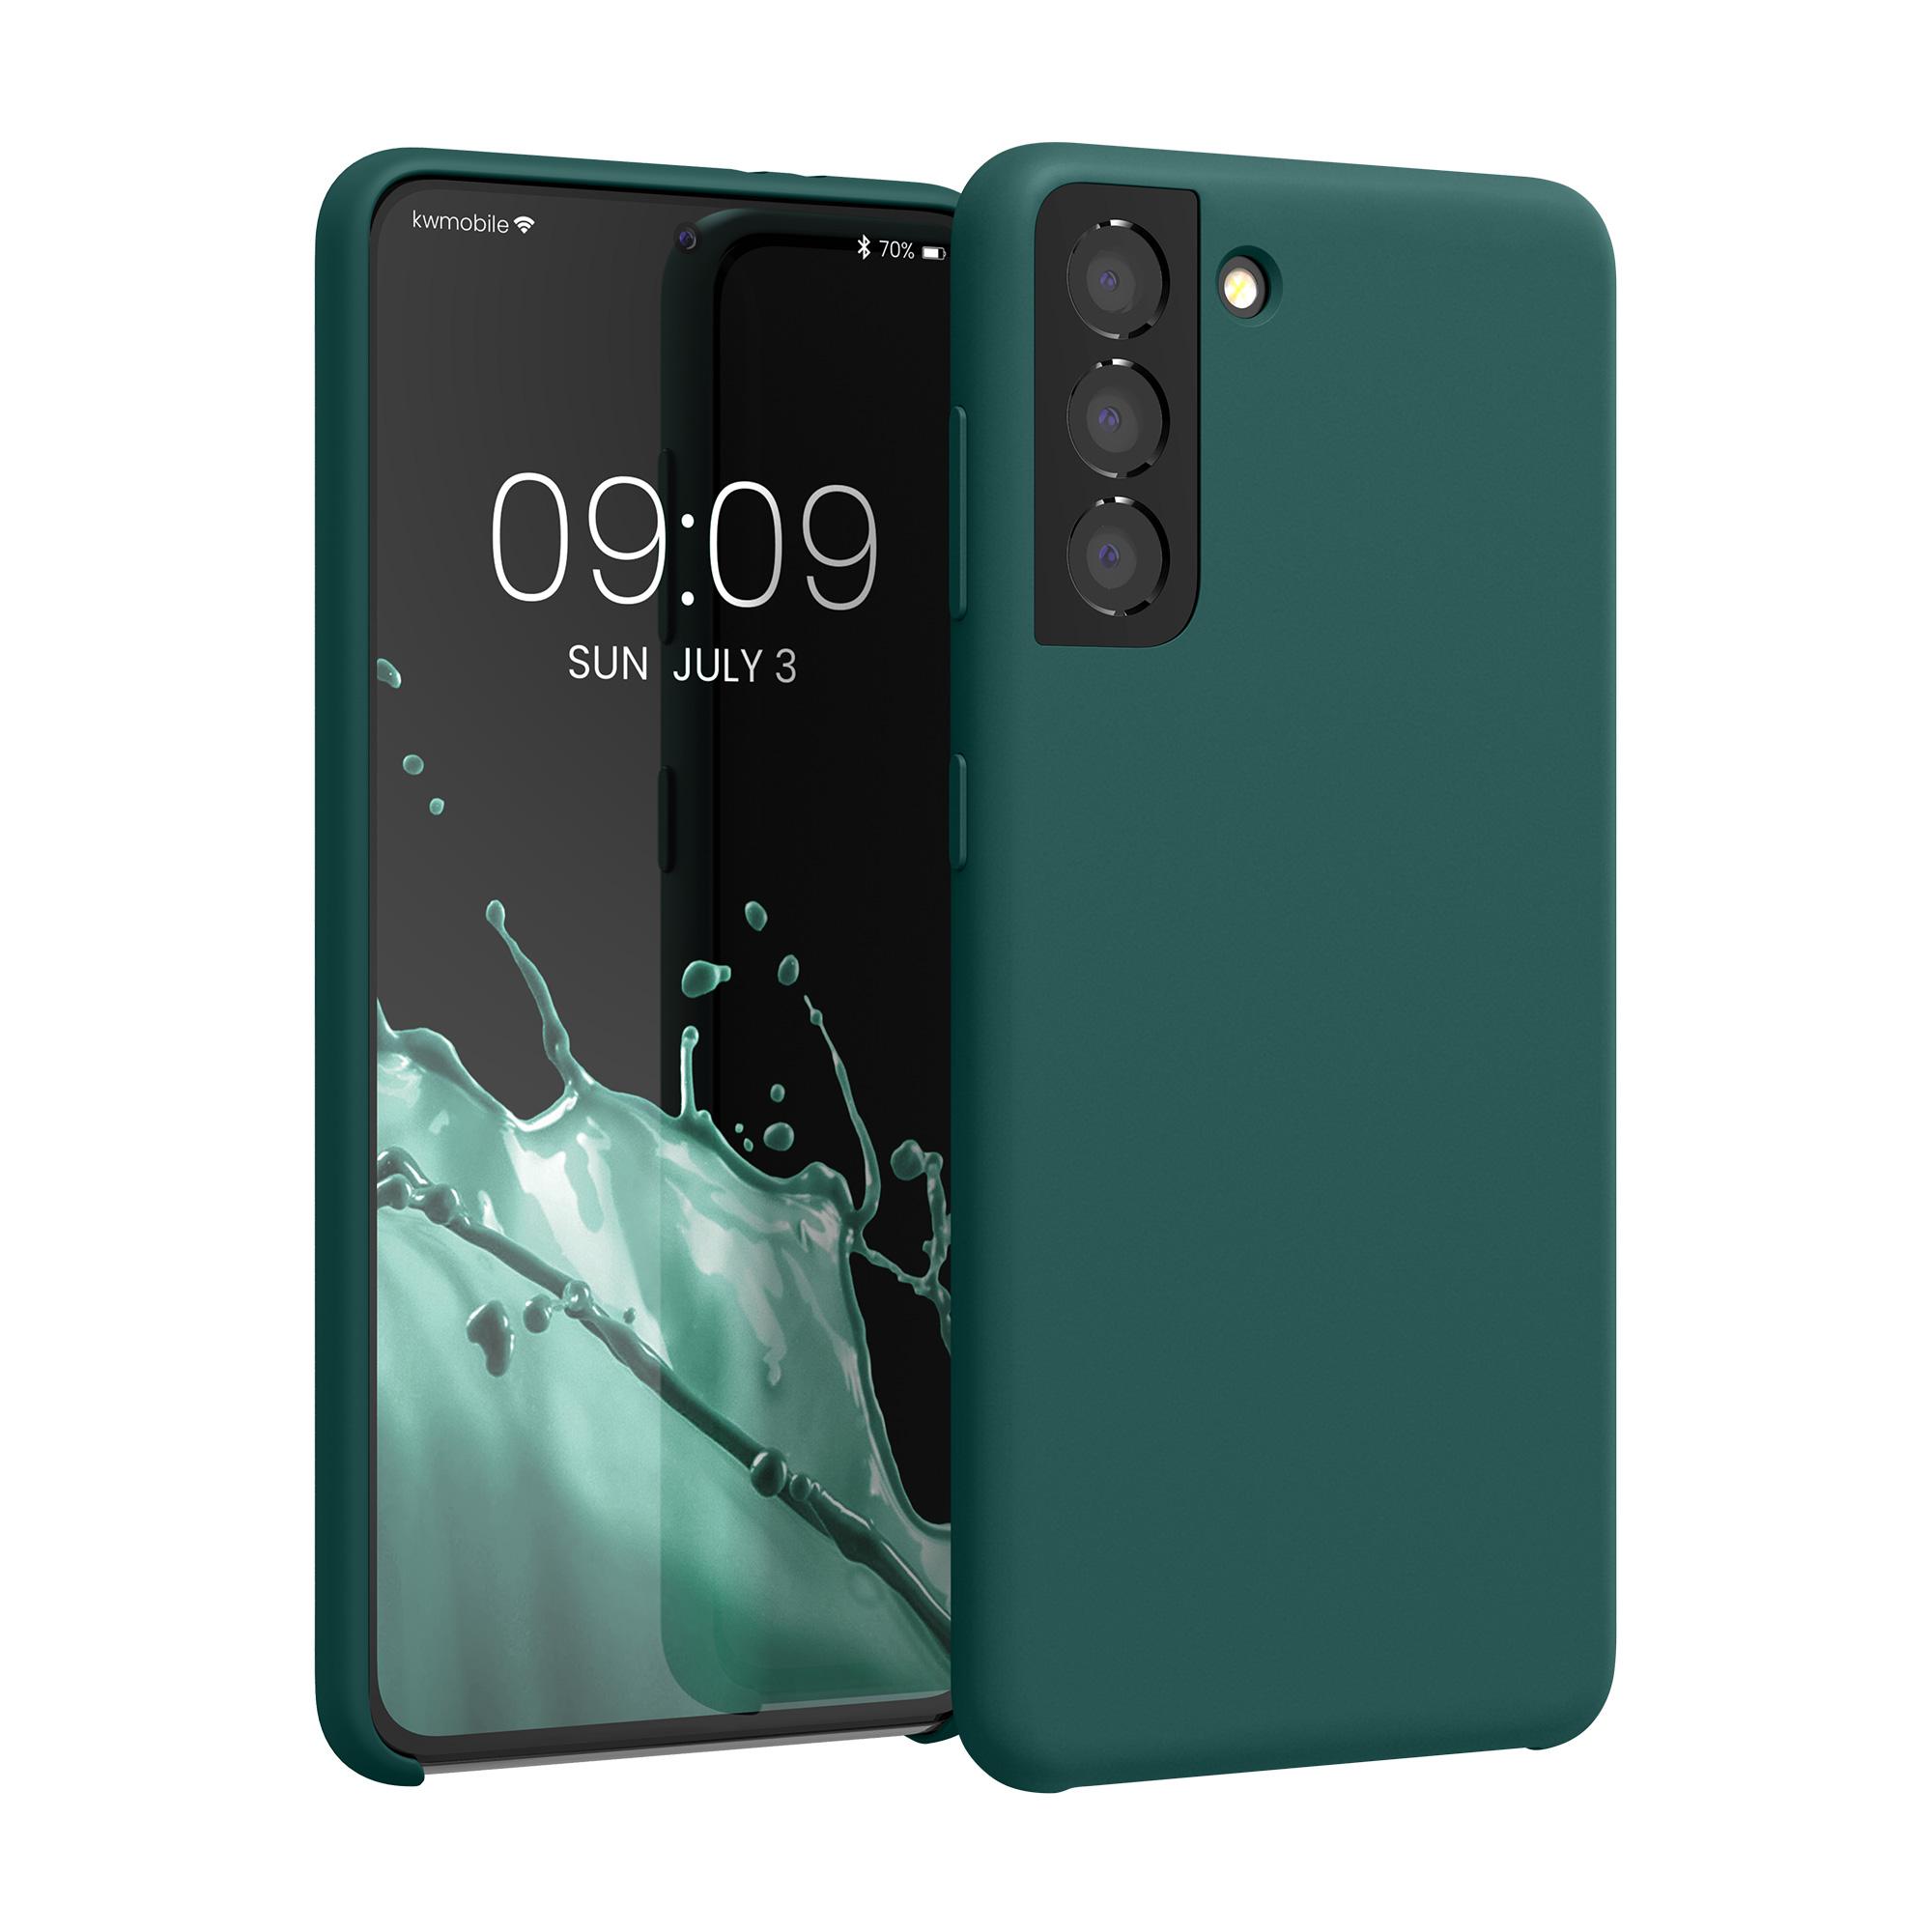 AKCE IHNED! Kvalitní silikonové TPU pouzdro pro Samsung S21 - Turquoise Green